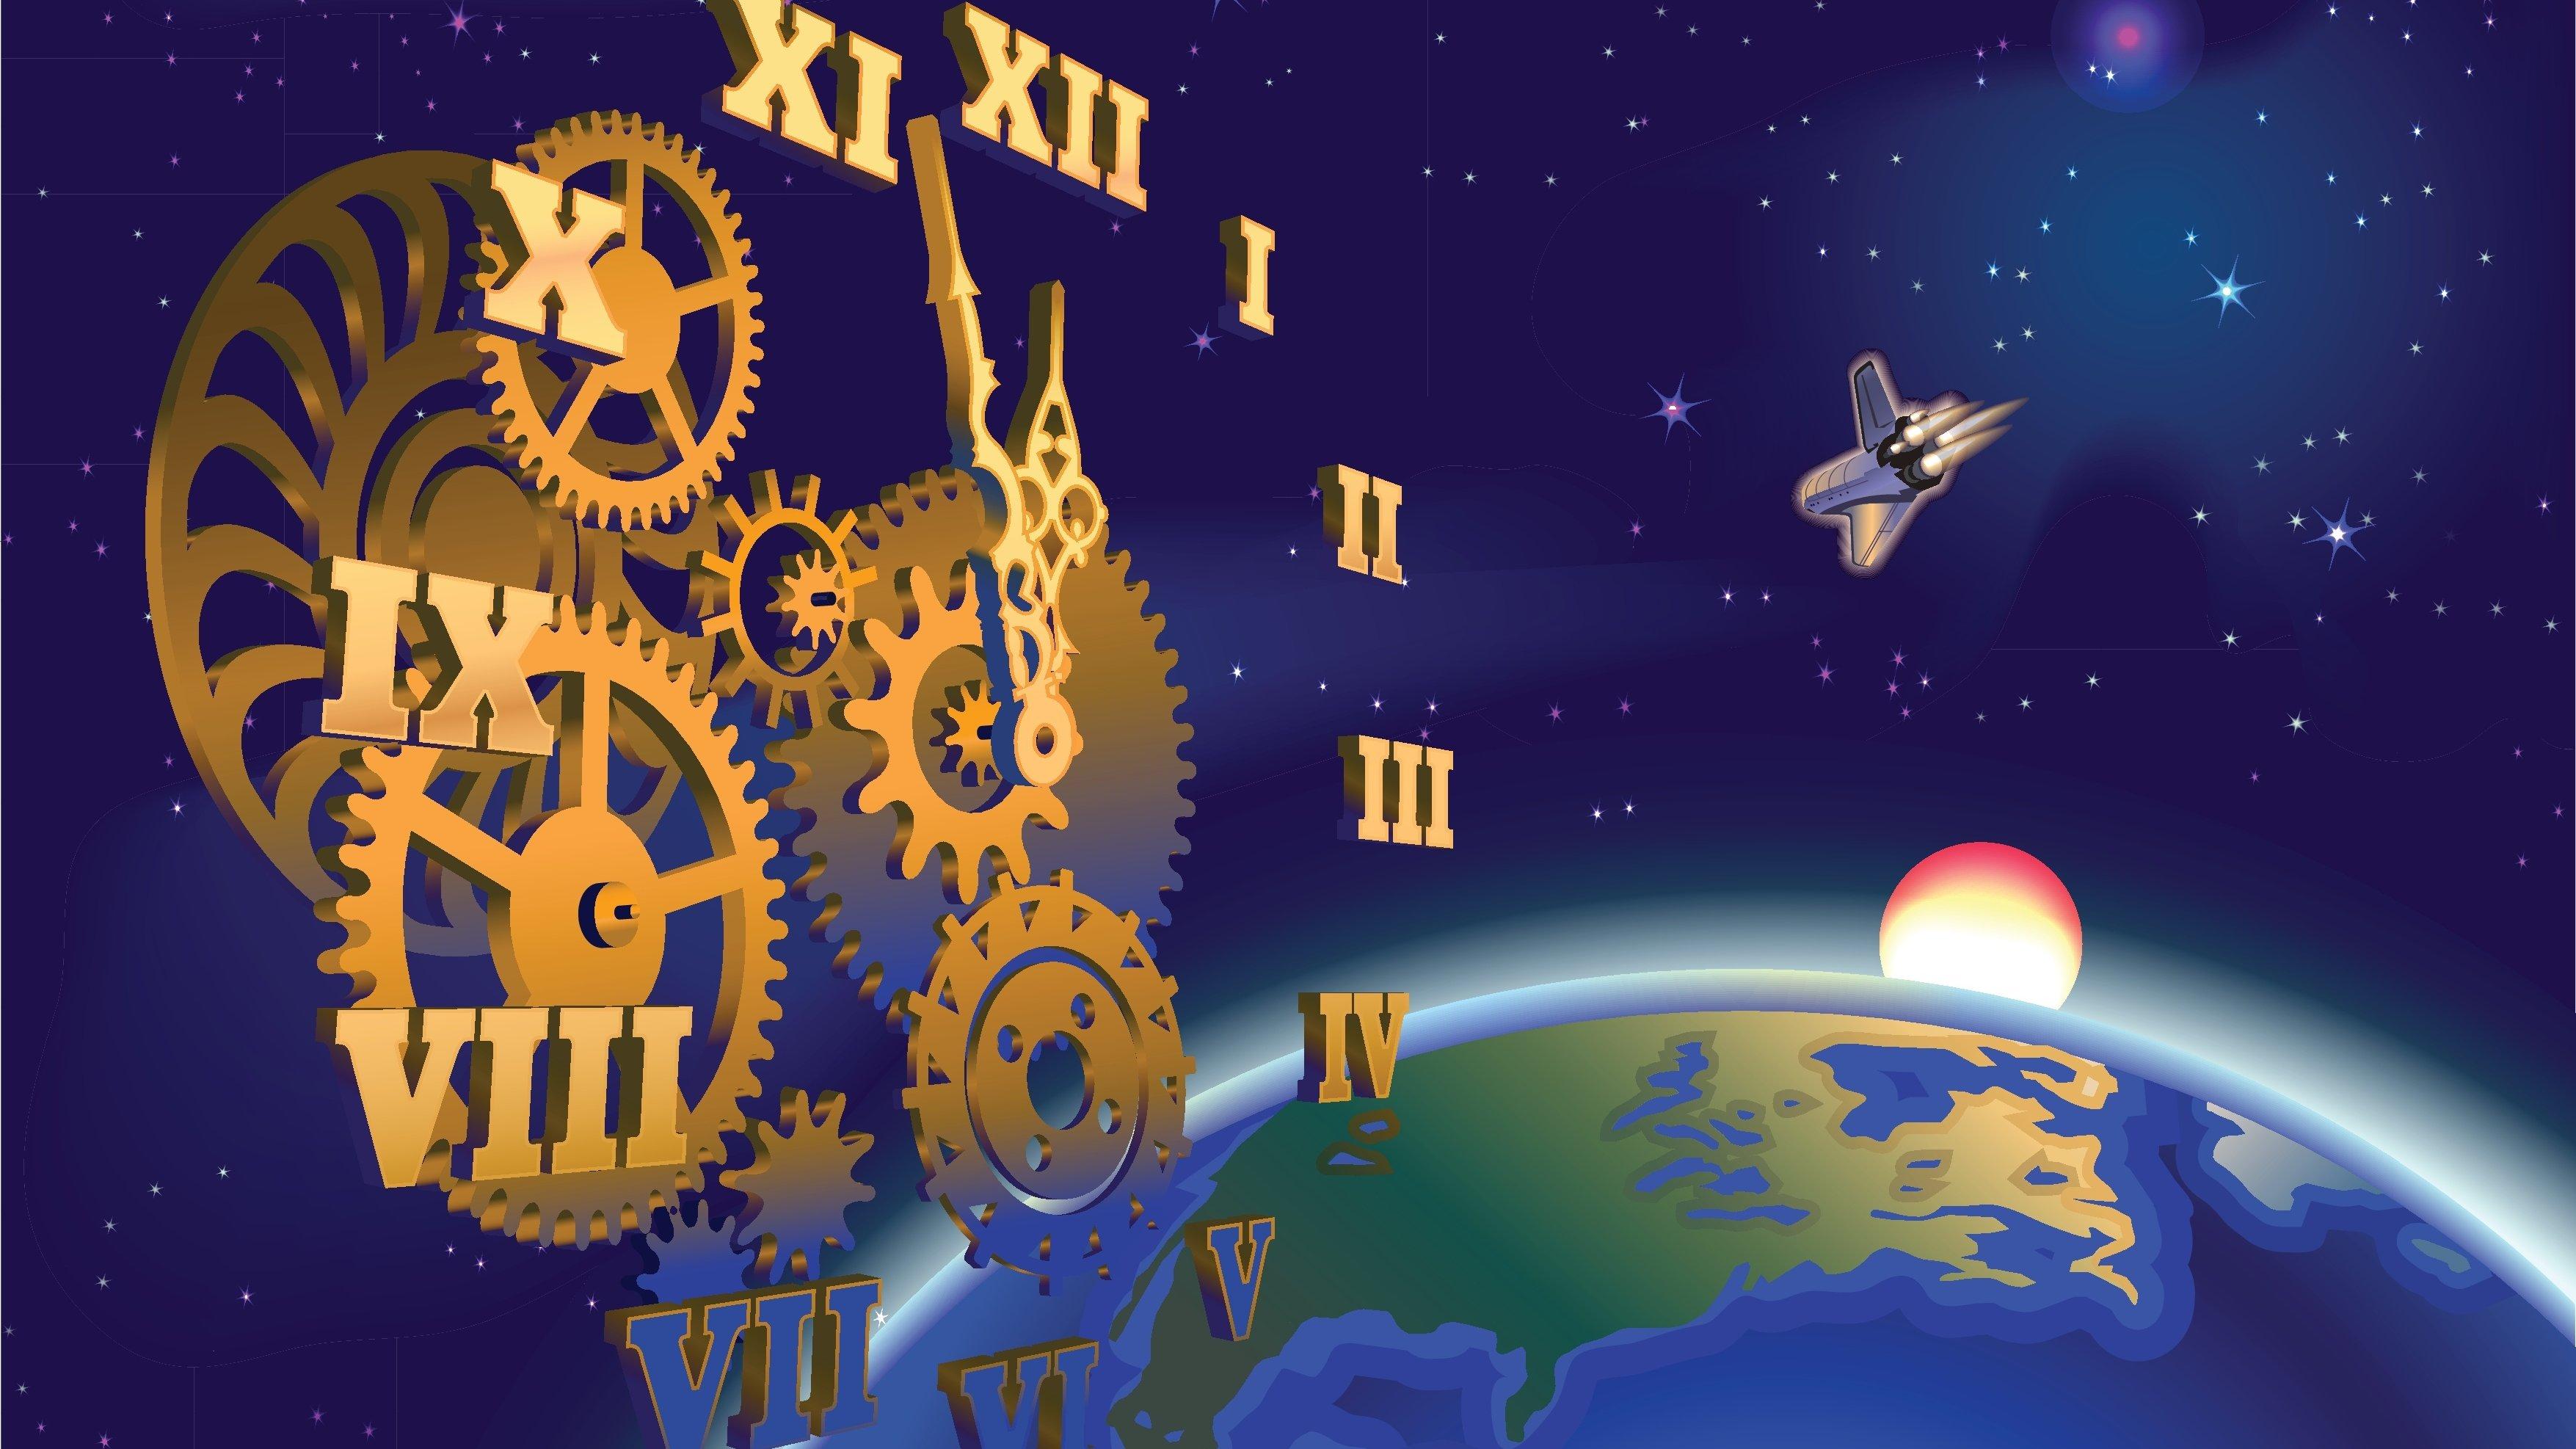 Vad tror du att tid och universum har för koppling?